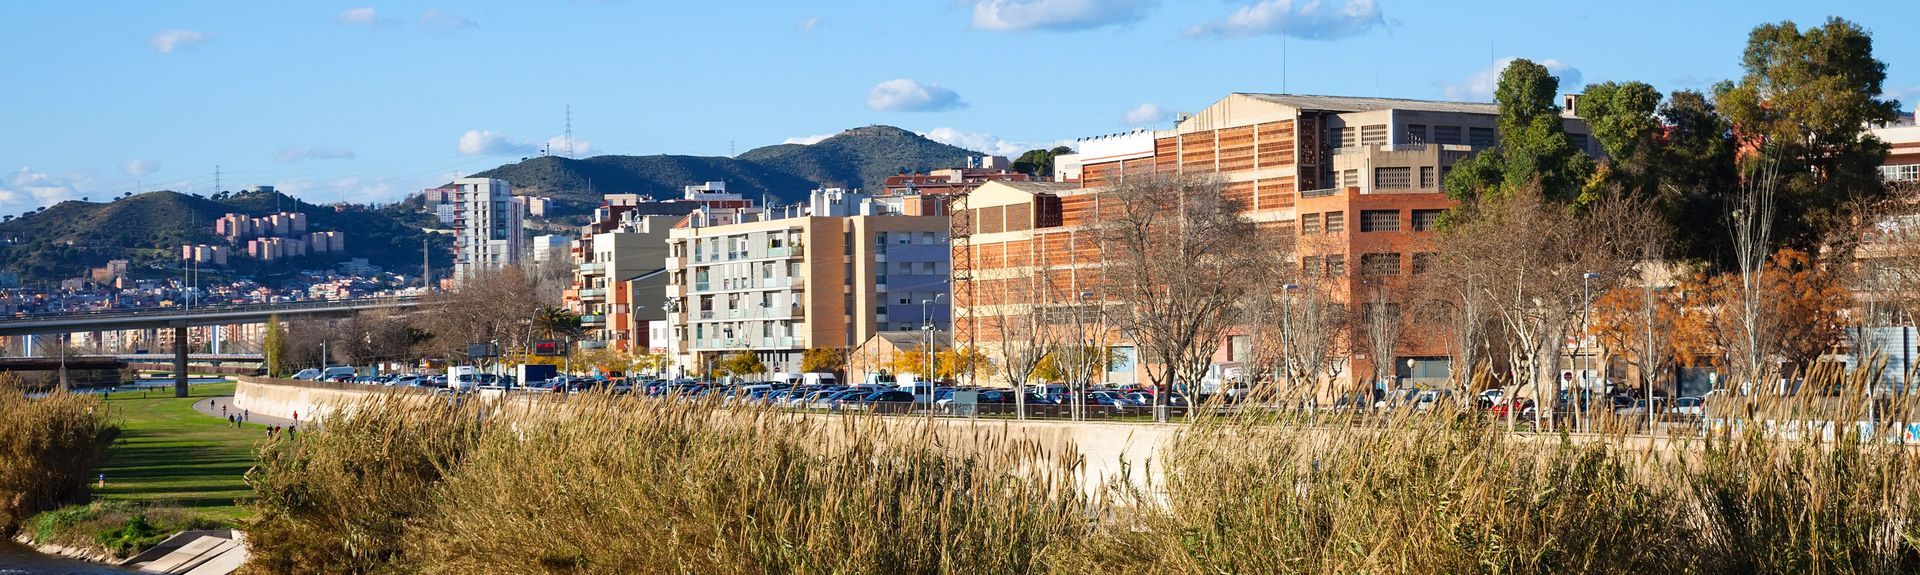 Santa Coloma de Gramenet, Katalonien, Spanien